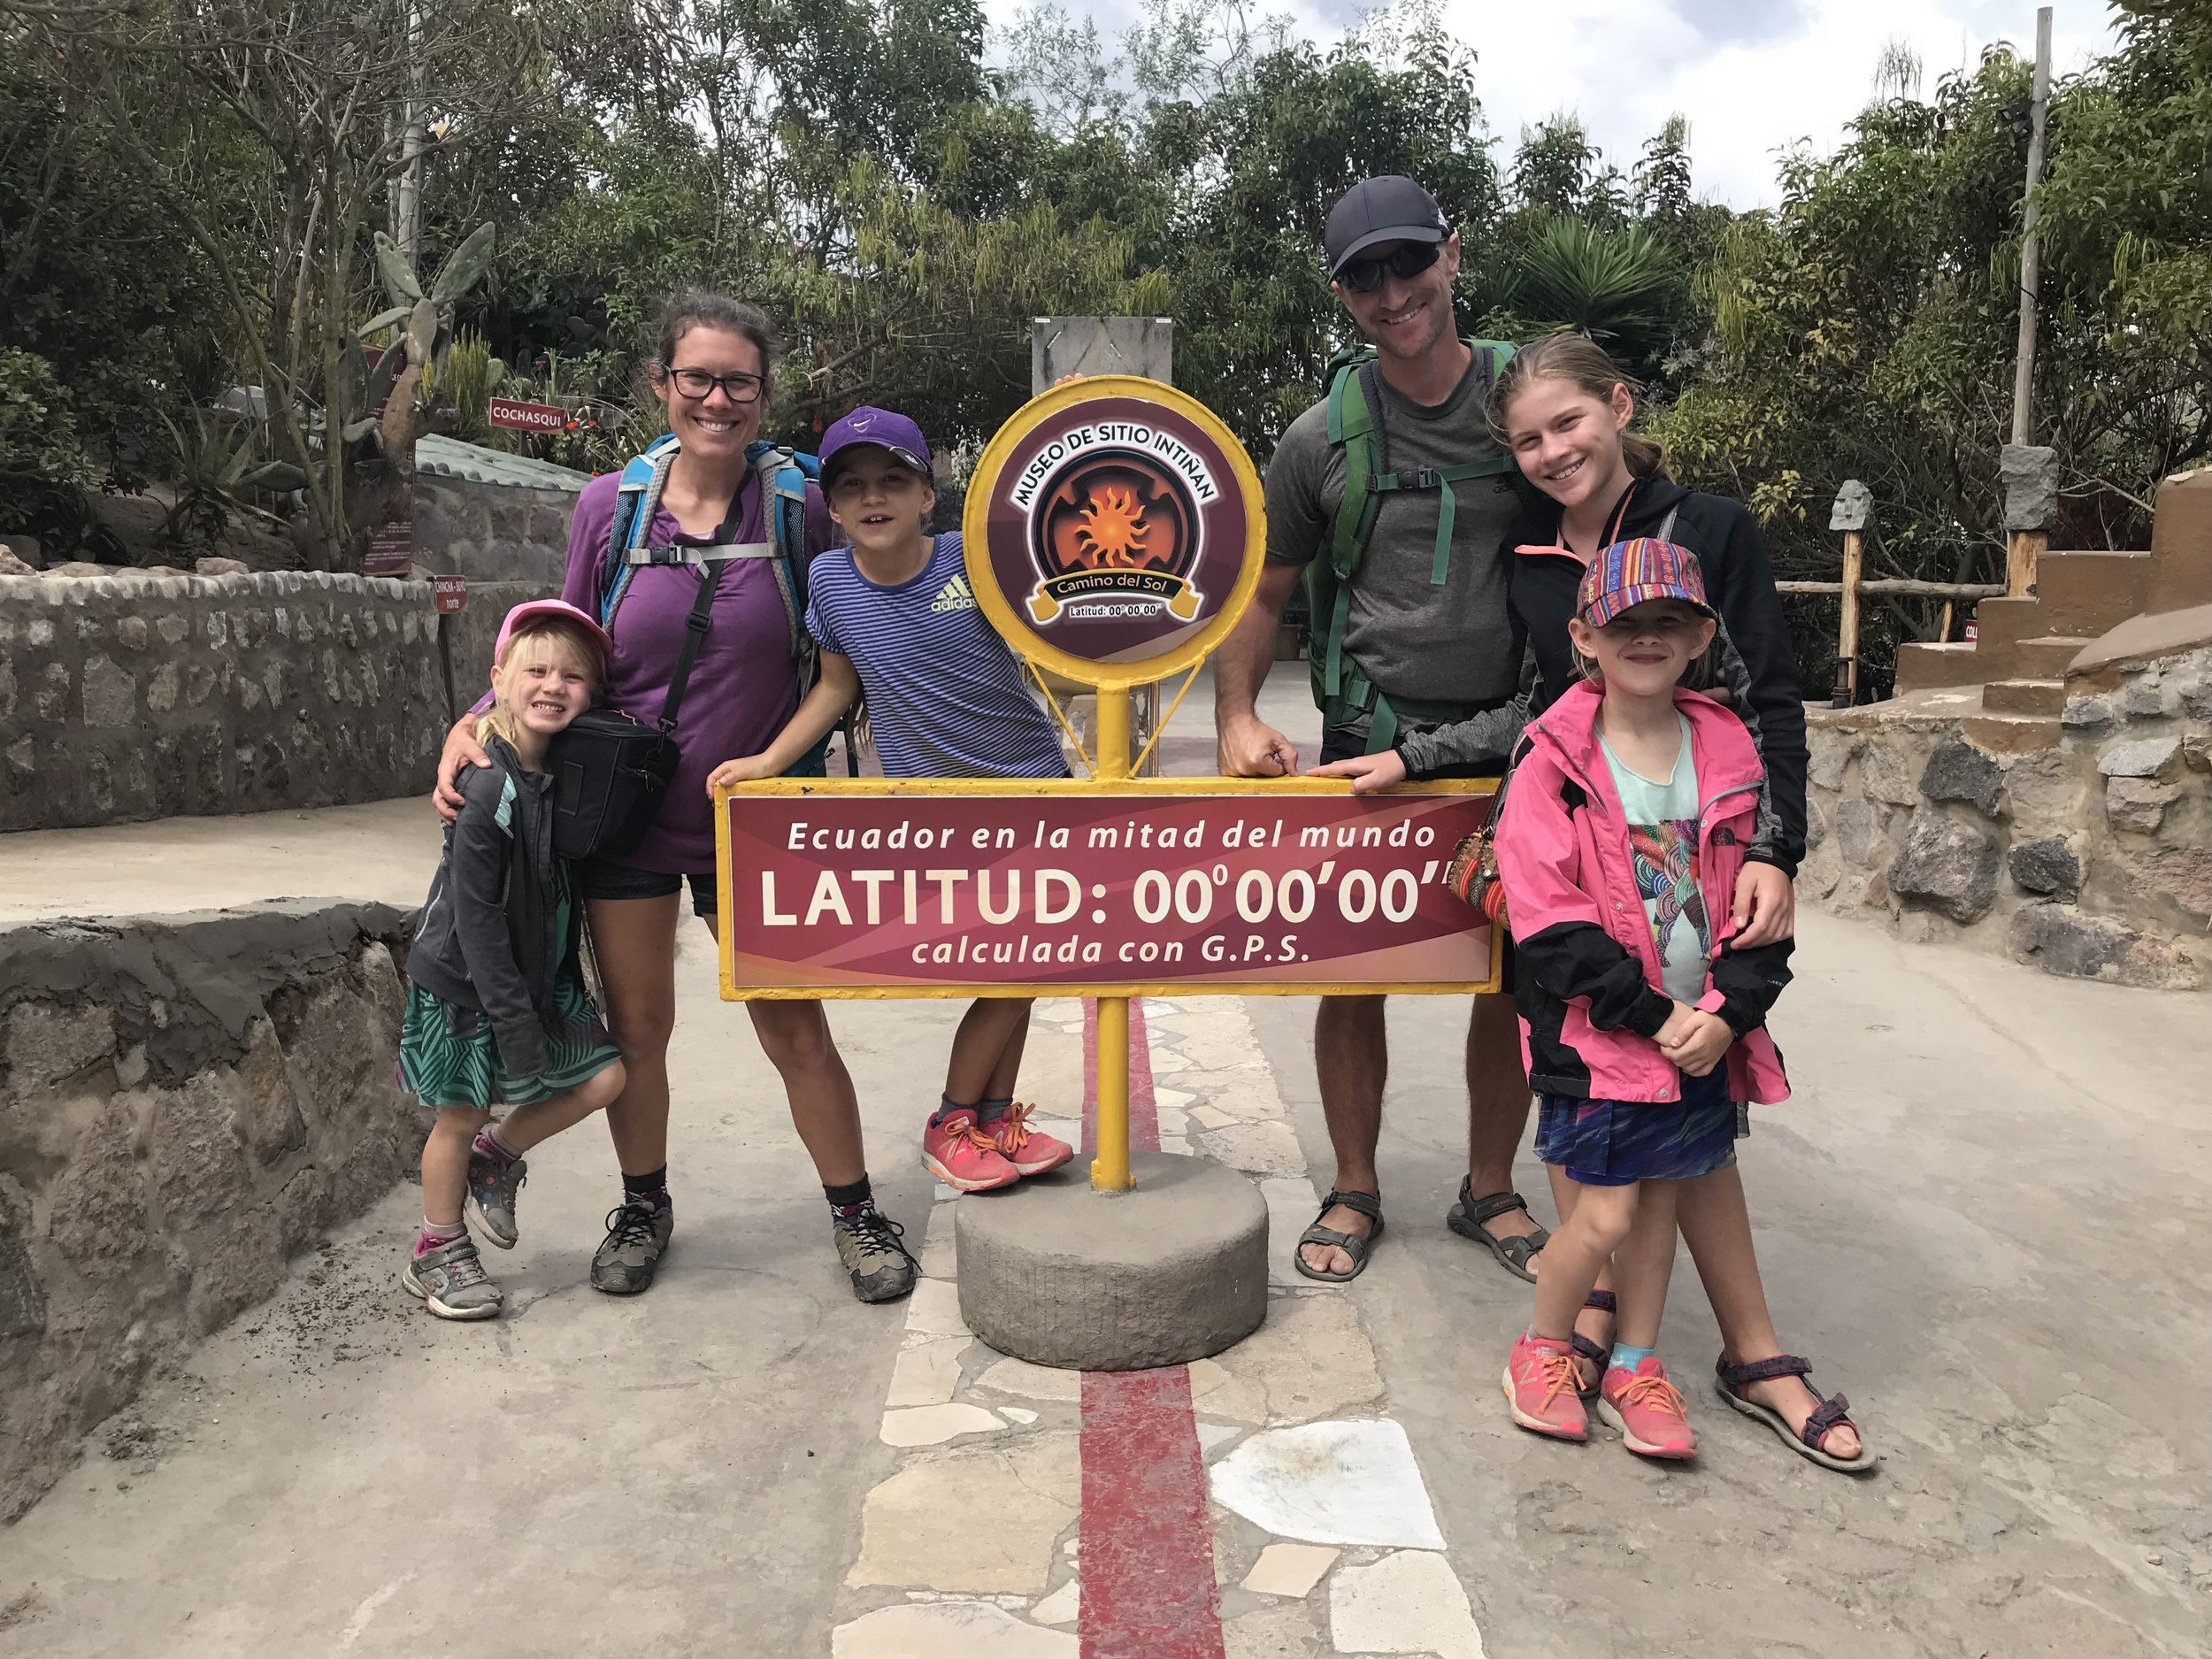 Ça y est, notre famille est séparée: 3 membres dans l'hémisphère nord et les 3 autres dans l'hémisphère sud! Une belle sortie pour tous afin d'en apprendre plus sur la terre. La mita del mundo...